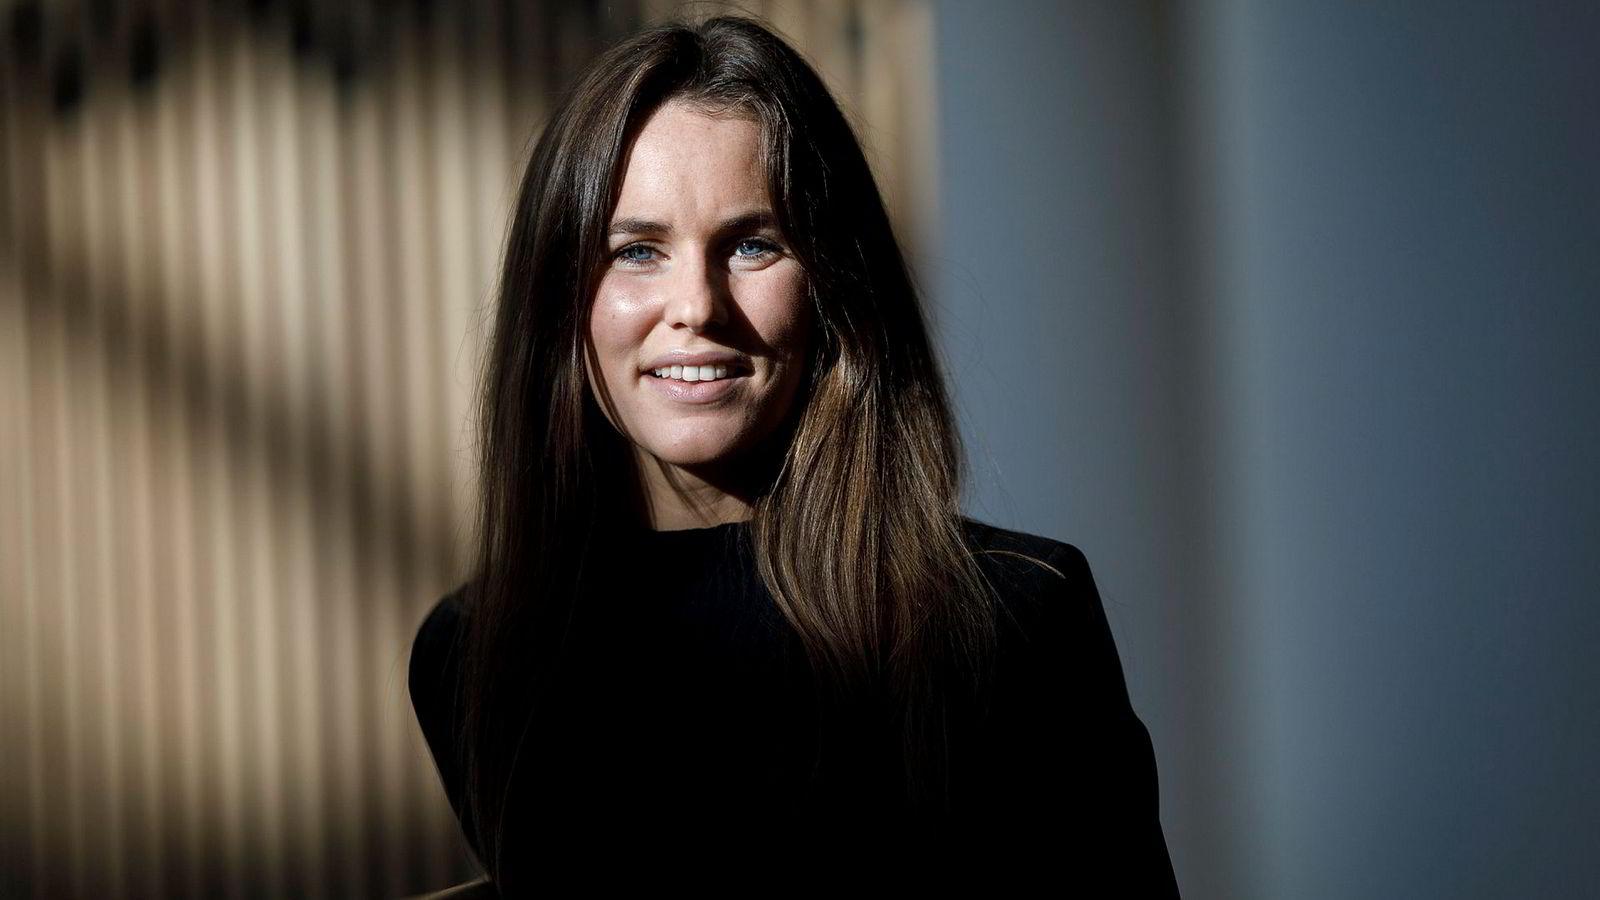 Rente- og valutaanalytiker Ingvild Borgen Gjerde mener risikopremien har økt i oljemarkedet.